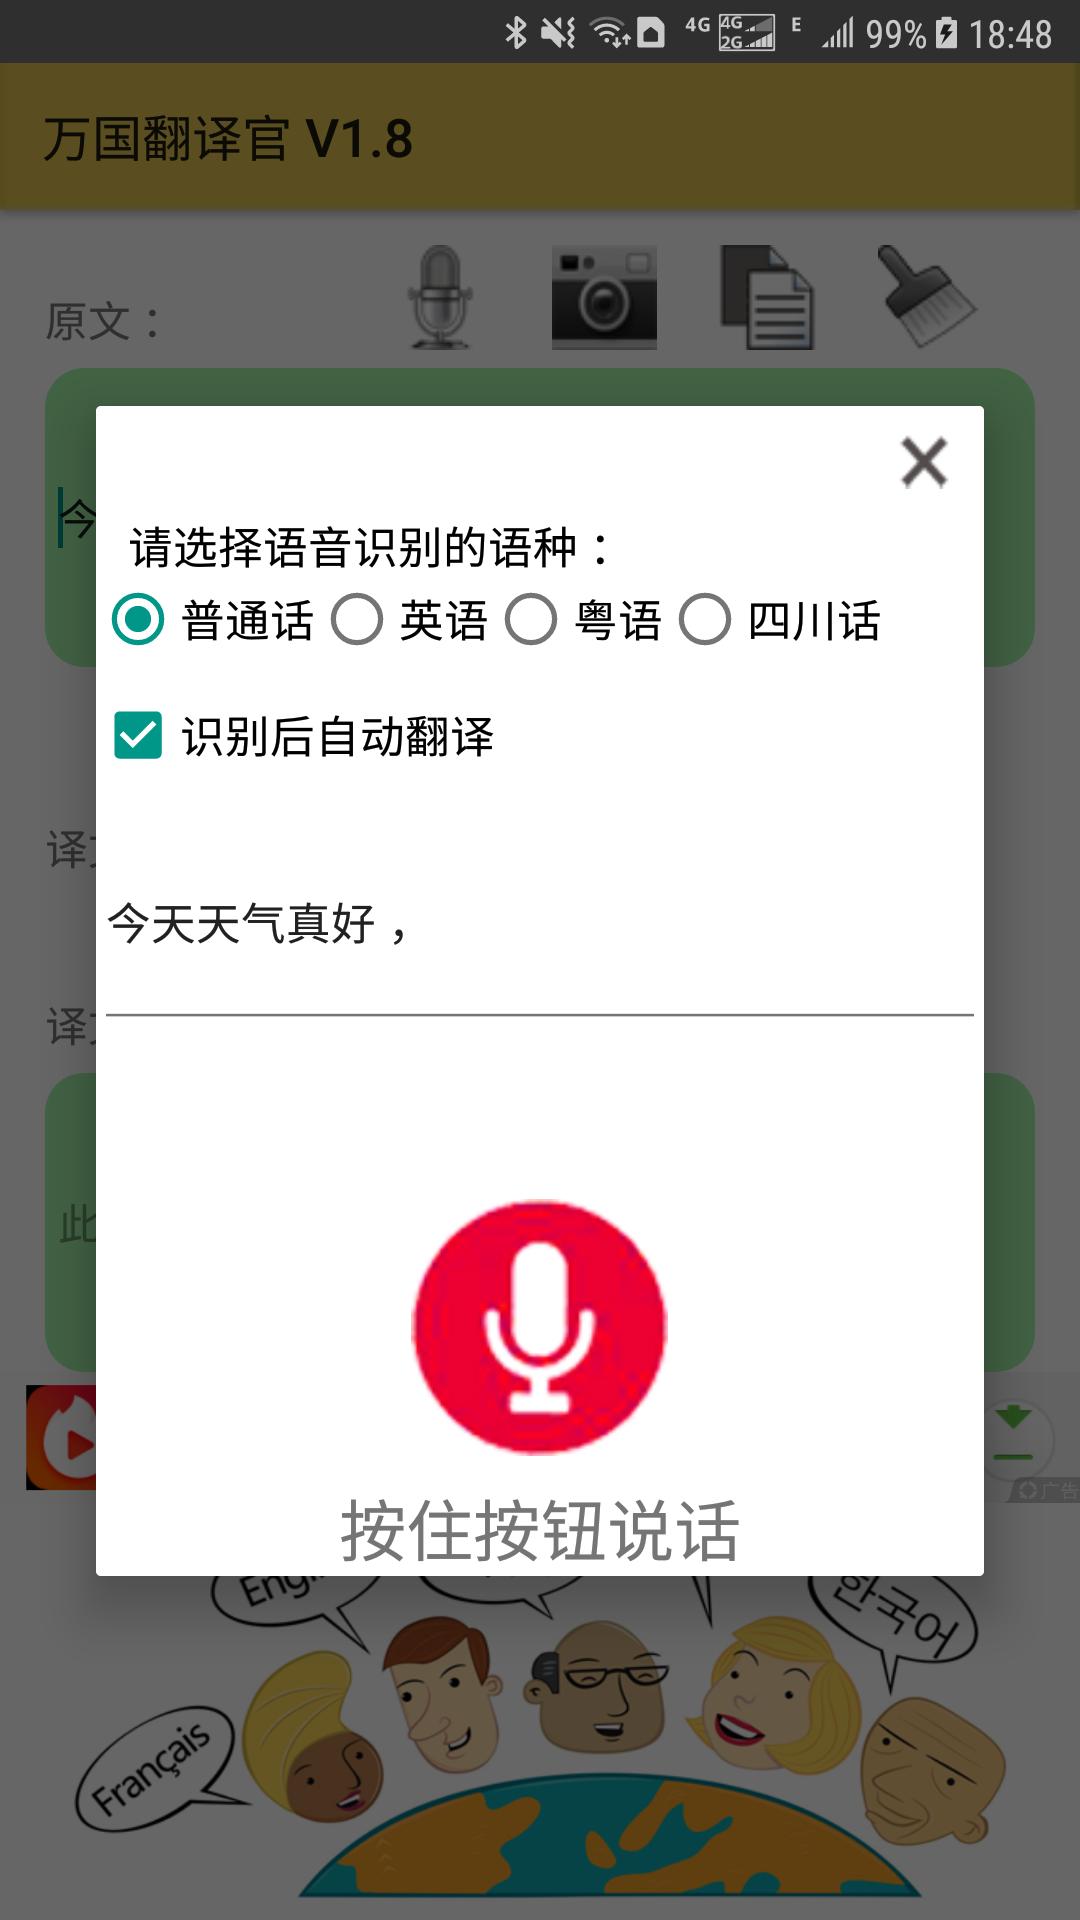 万国翻译官软件截图1